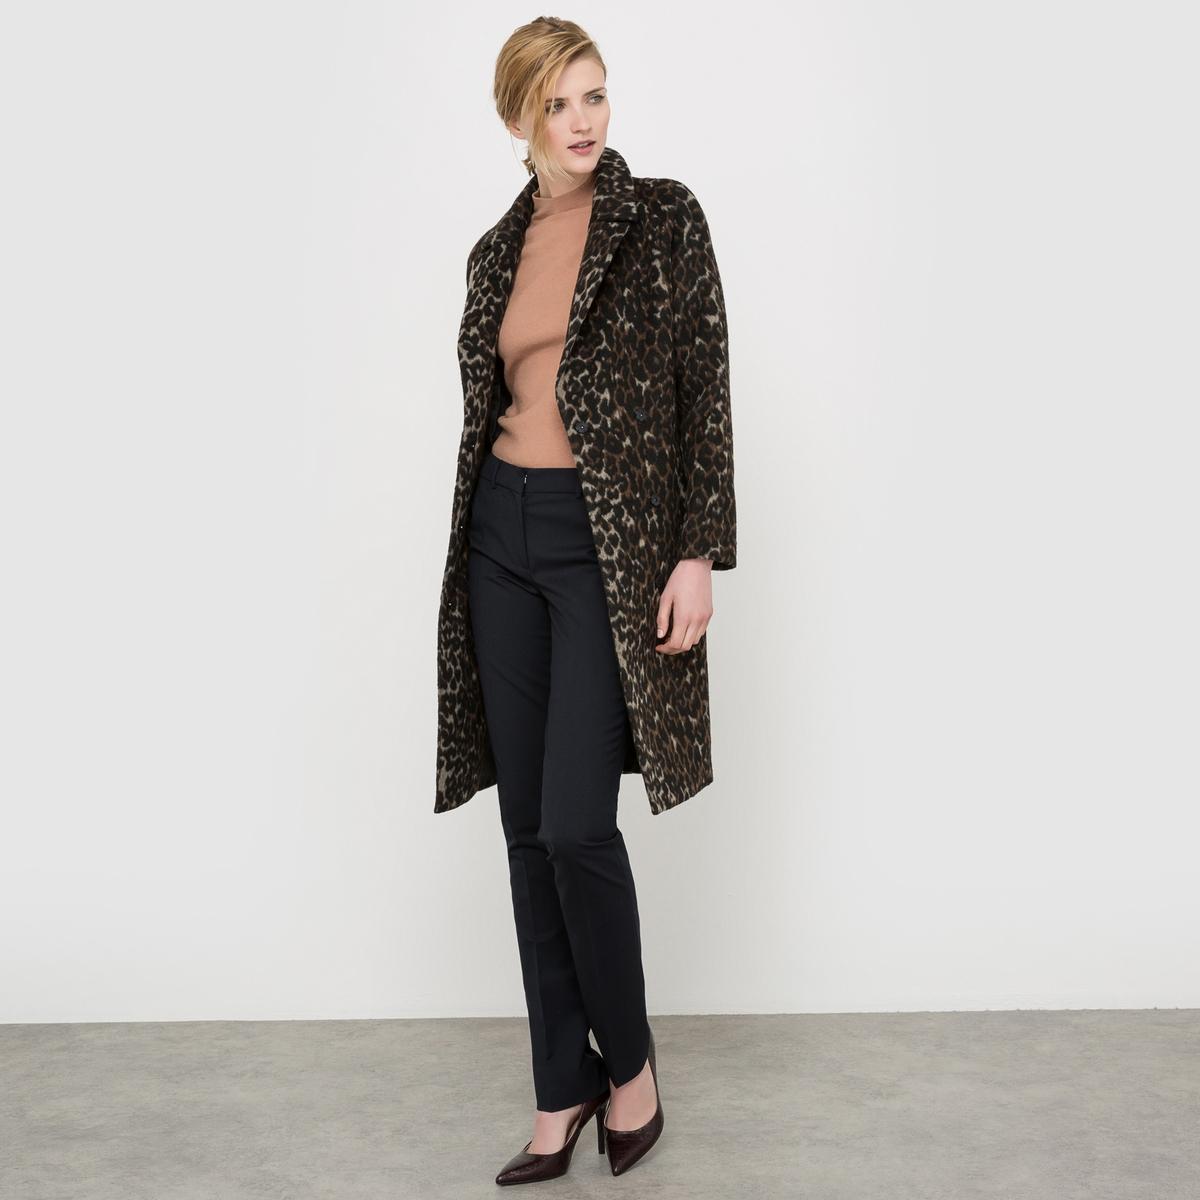 Пальто с леопардовым принтом, 35% шерсти пальто с леопардовым принтом 30% шерсти